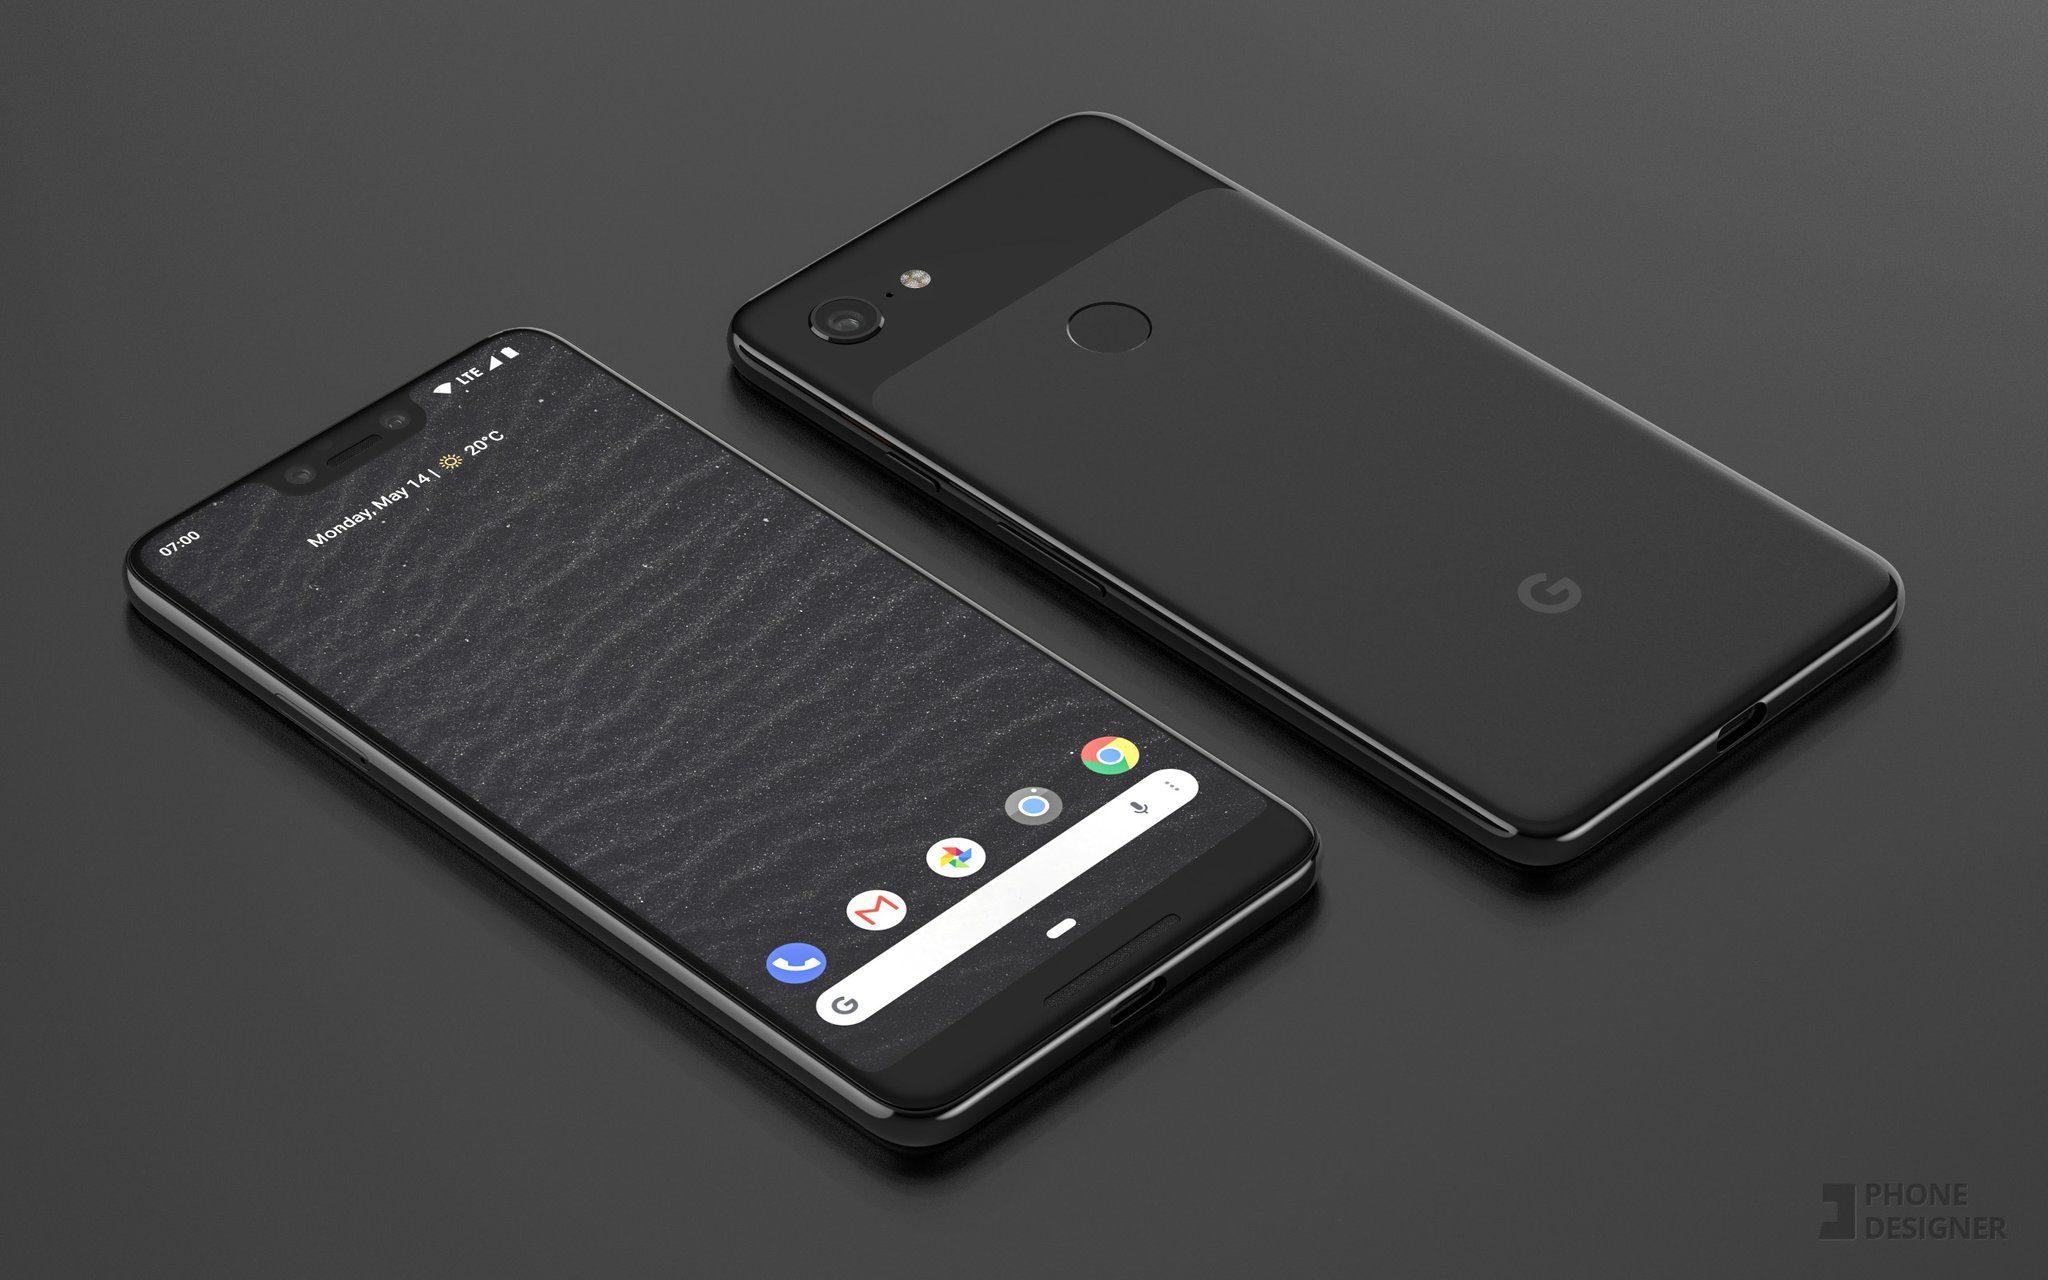 Tech'spresso : Google Pixel 3 en France, qualité photo du Galaxy Note 9 et Galaxy Note 10 intrigant